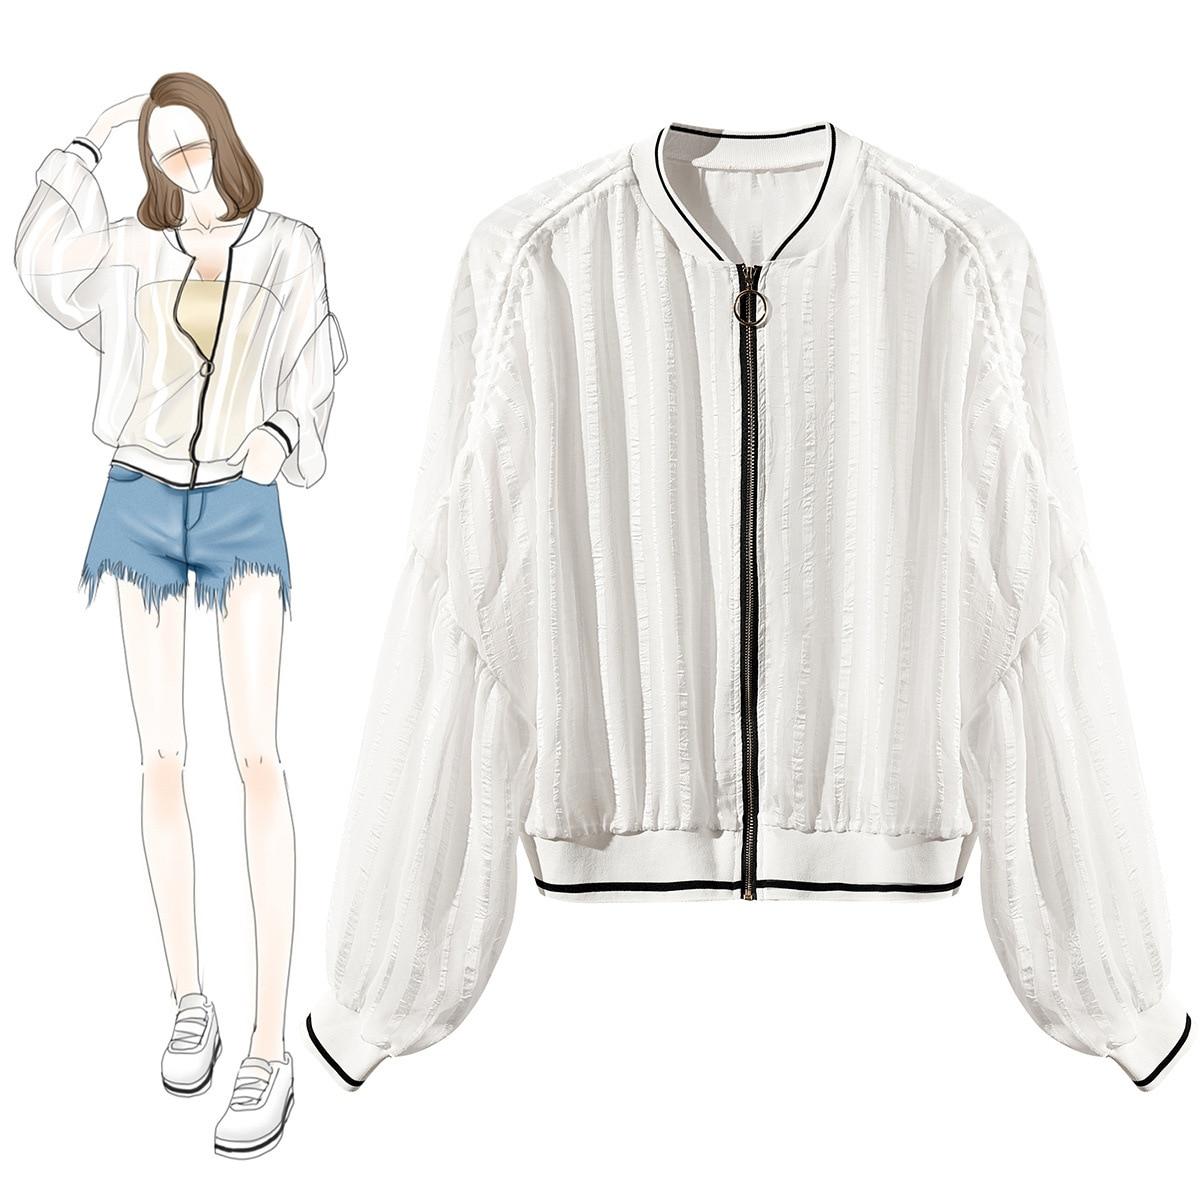 Noir Style Femmes blanc Été À Street Zipper Veste Qualité blanc Manteau Travers Lâche Noir Recadrée Voir Supérieure Printemps Blouson 2019 Design RqtFx8zX